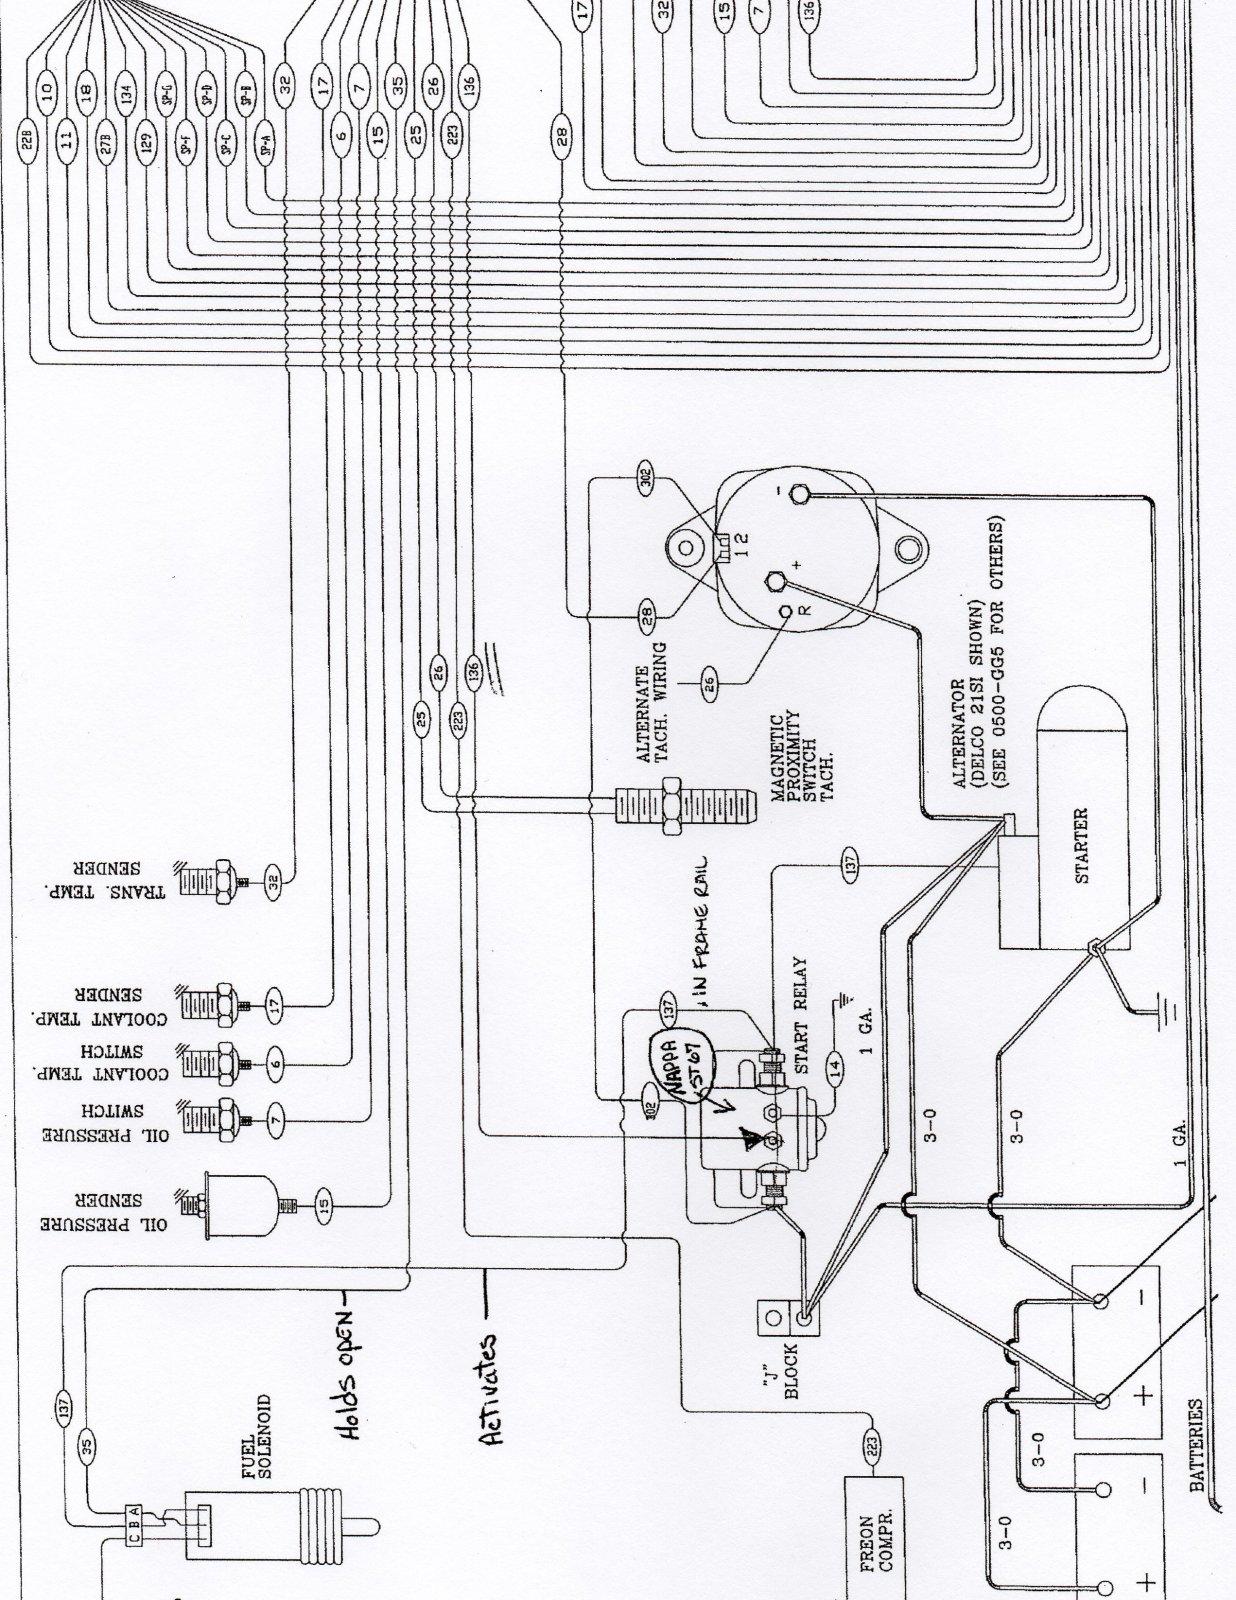 wiring diagram 32 holiday rambler travel wiring discover your holiday rambler wiring diagram wiring diagram